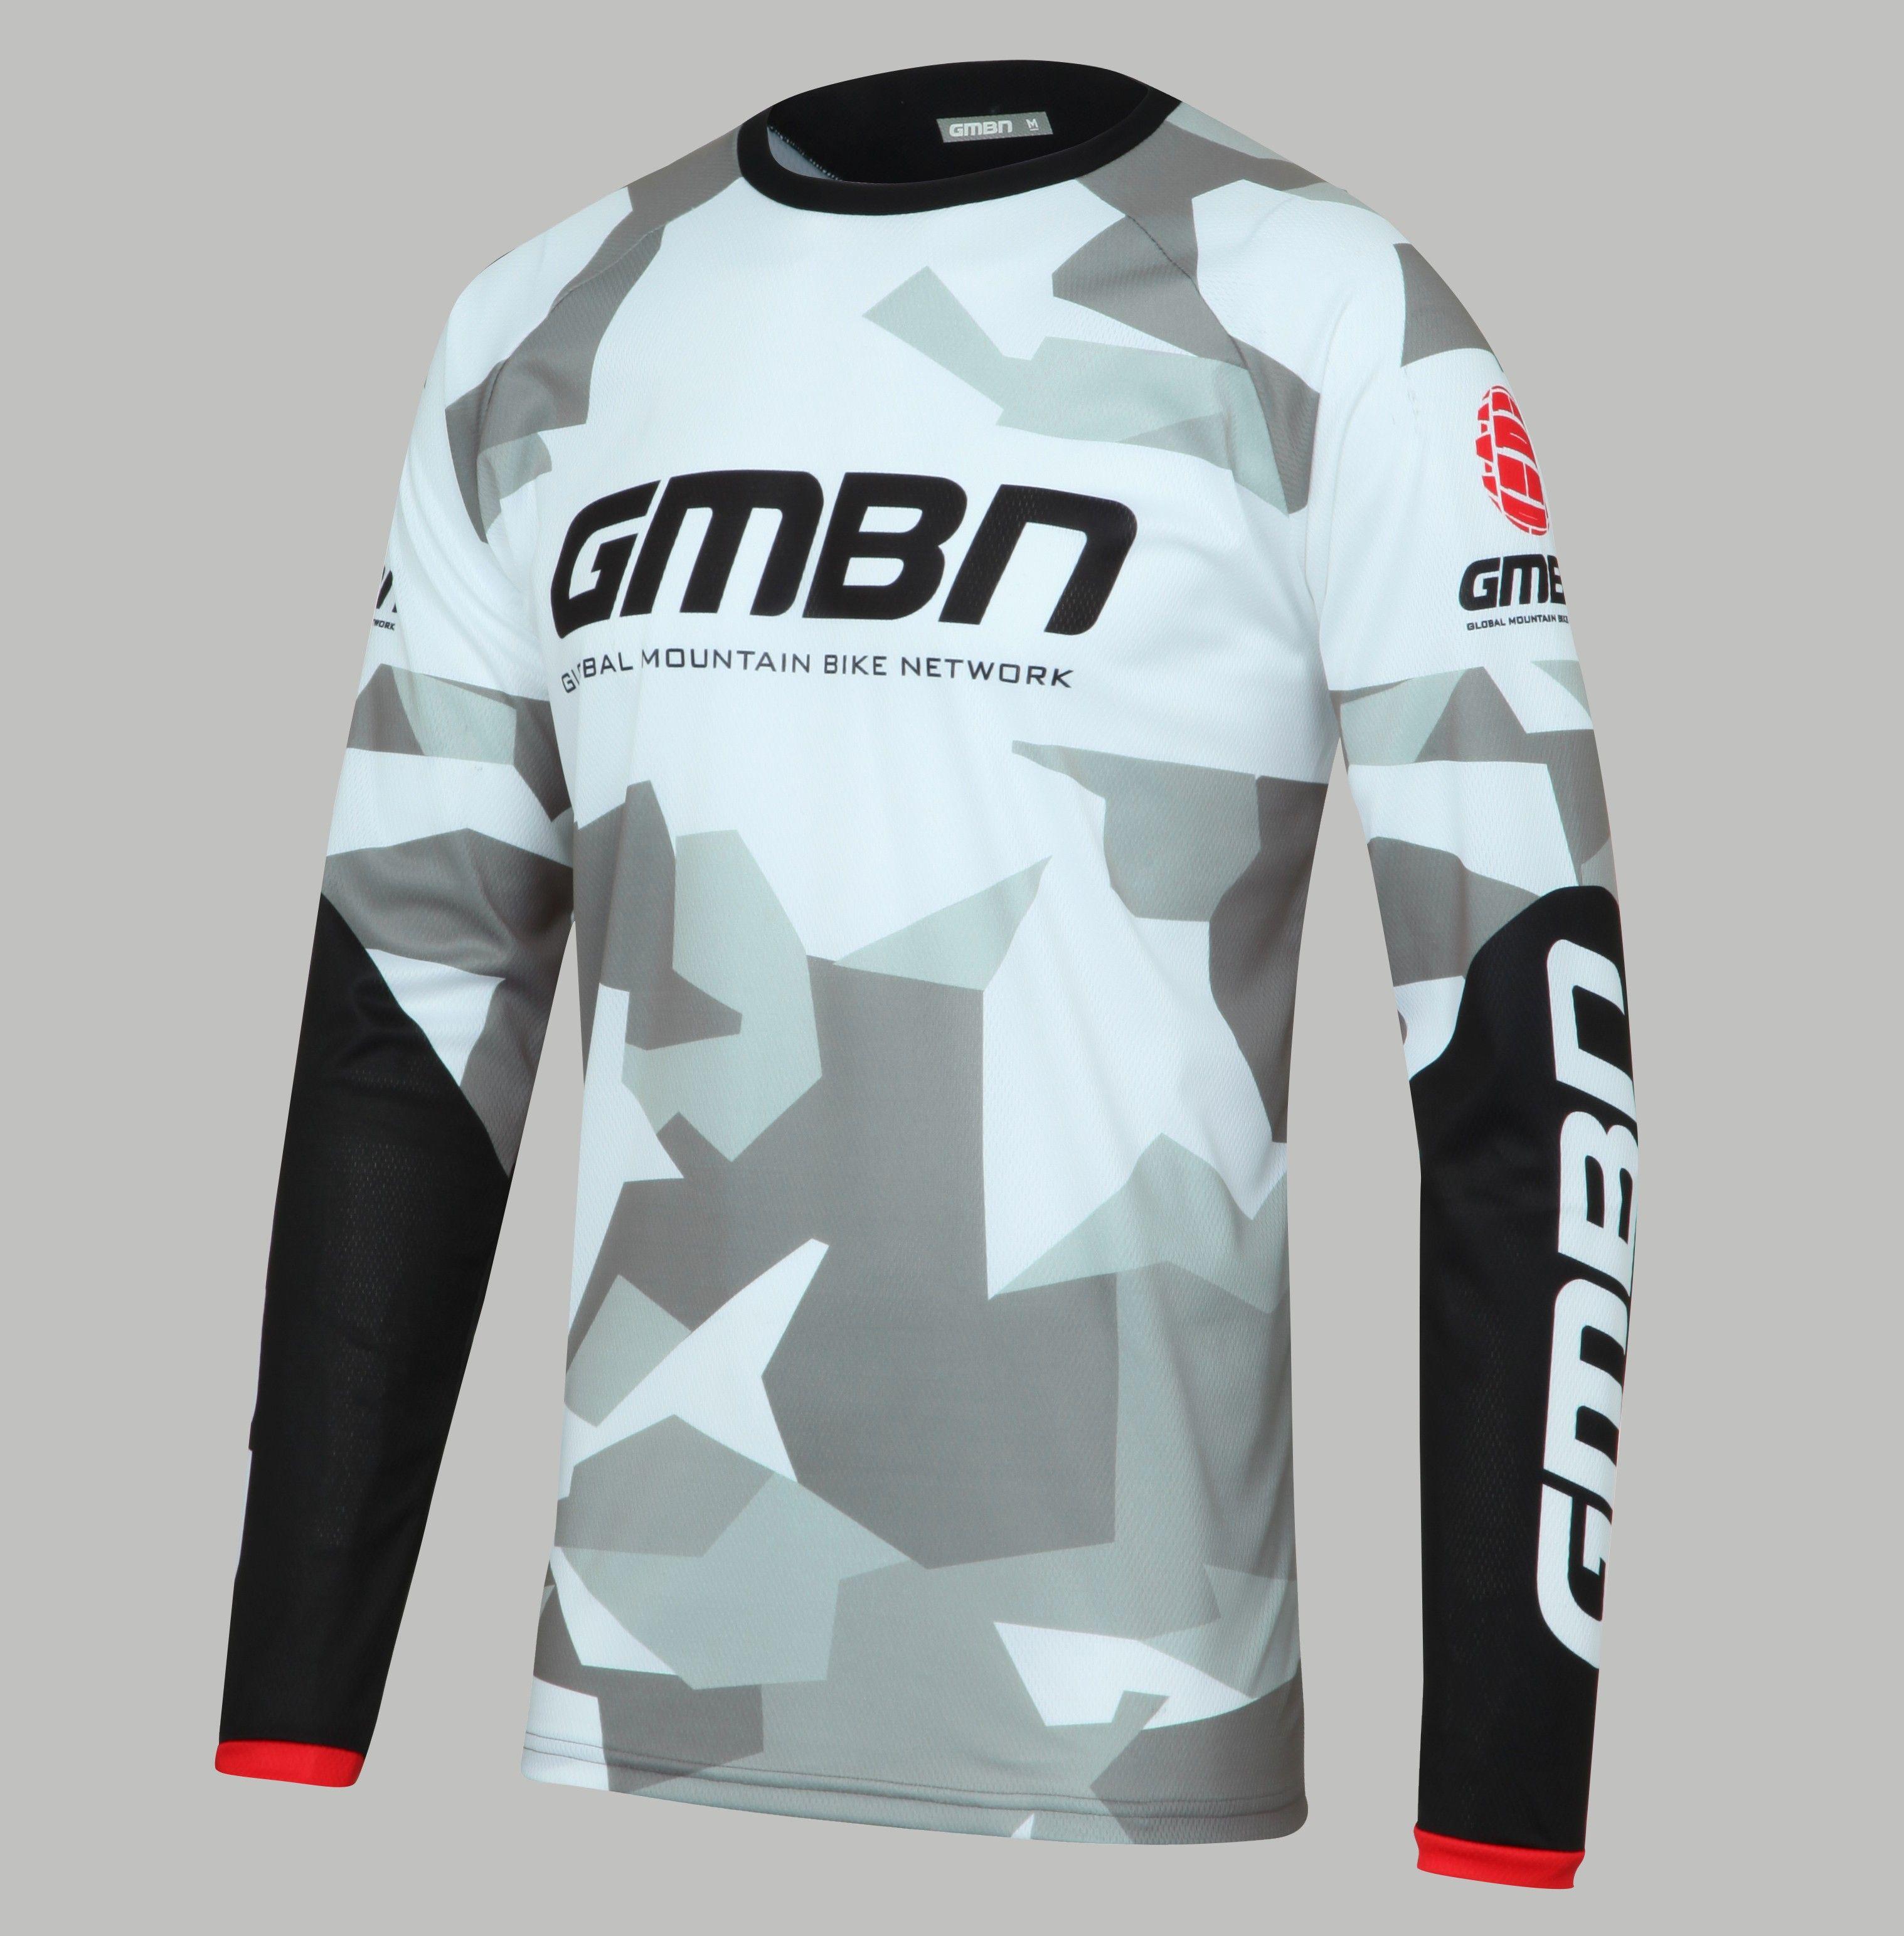 De007 P M Bk Bike Jersey Design Cycling Outfit Cycling